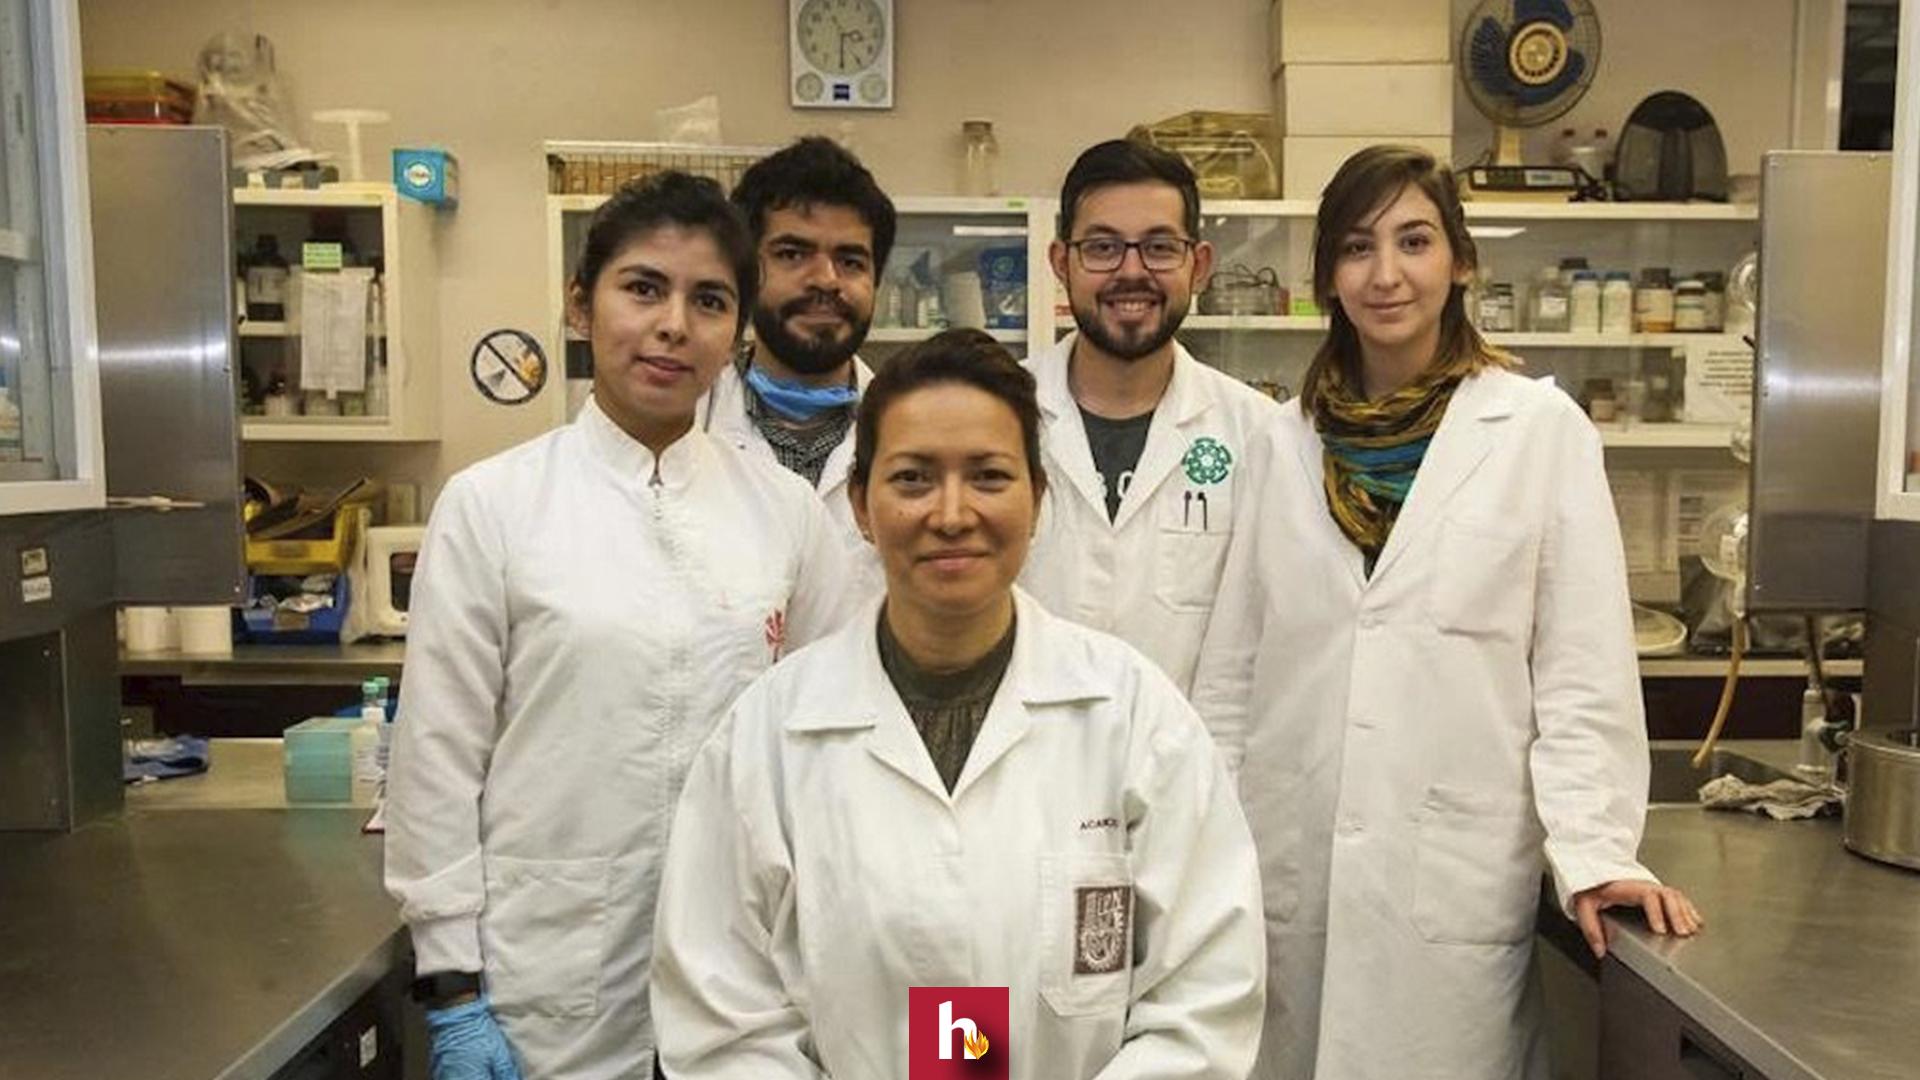 Estudiantes, IPN, cura, papiloma humano, VPH, papiloma,